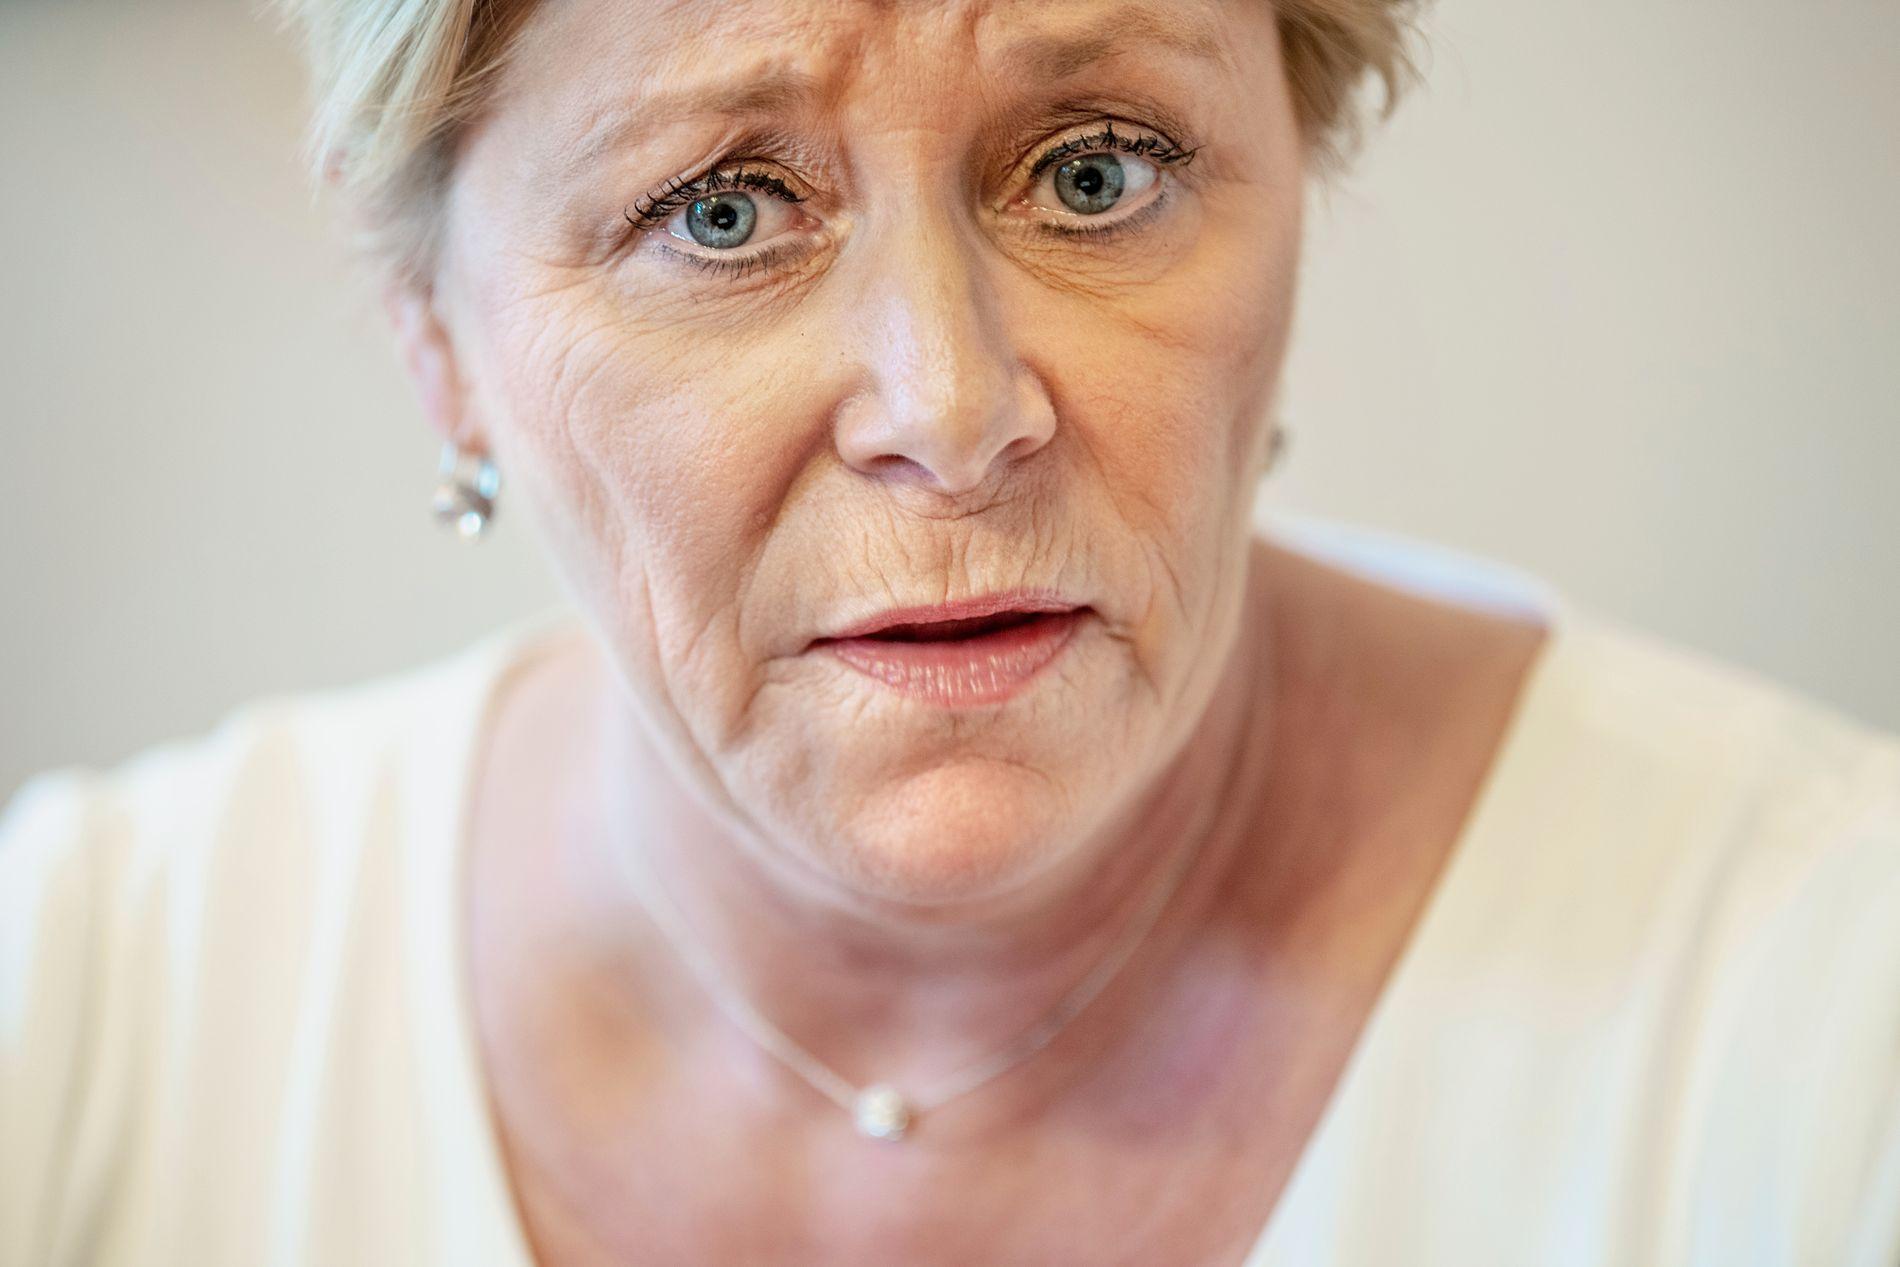 GARANTI PÅ VEGNE AV ANDRE: Finansminister Siv Jensen tar sjansen på å gi garantier - som hun mener vil koste deg dyrt - men som hun ikke har kontroll over.